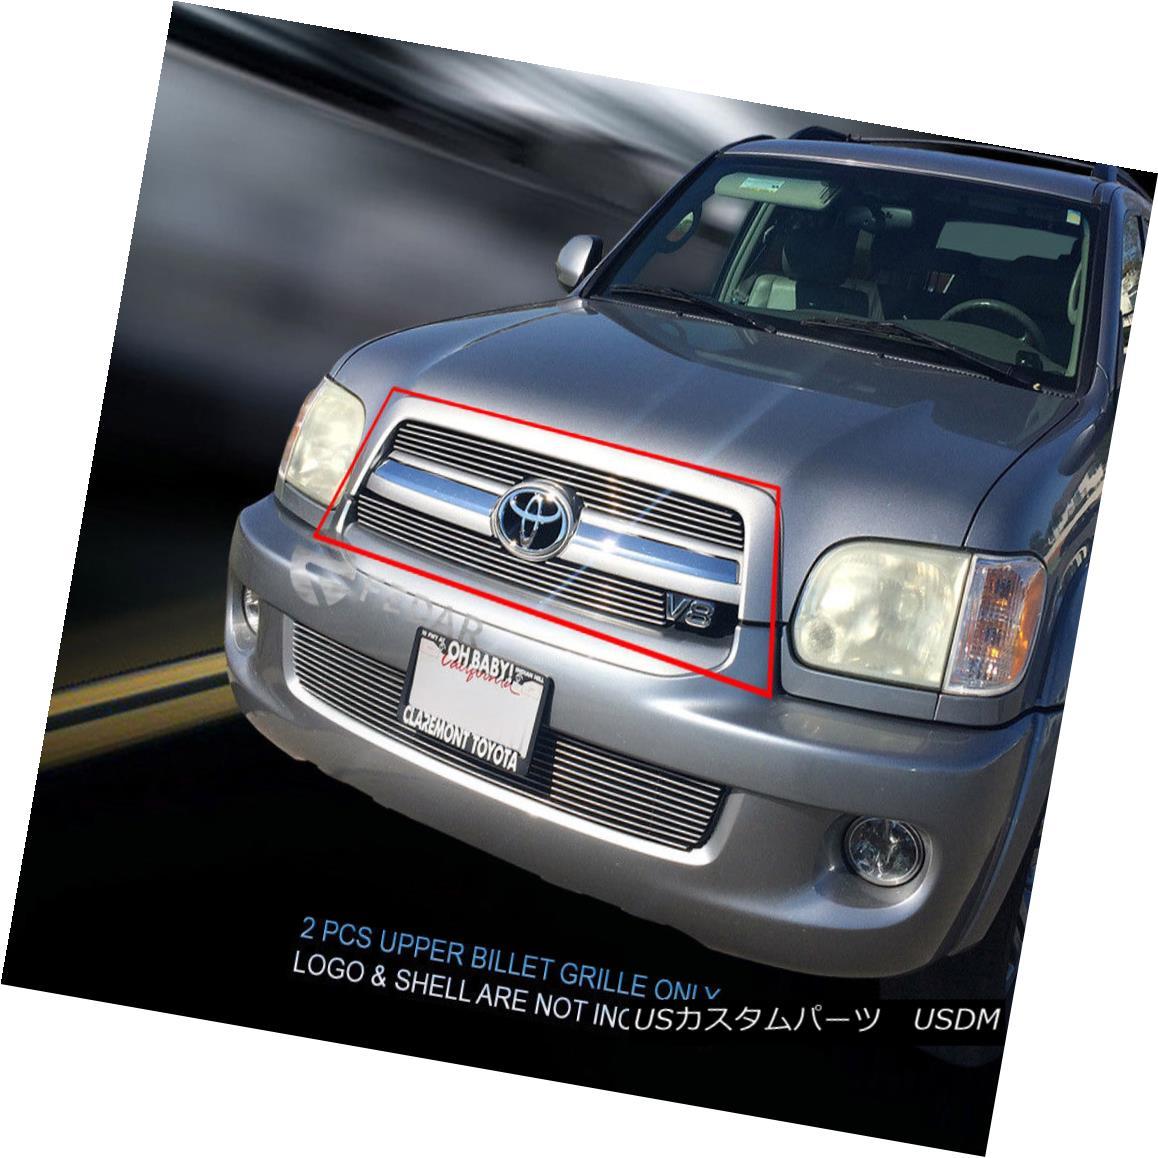 グリル Fedar Fits 2005-2007 Toyota Sequoia Polished Main Upper Billet Grille Fedarは2005-2007年に合うToyota Sequoiaはメインアッパービレットグリルを研磨した